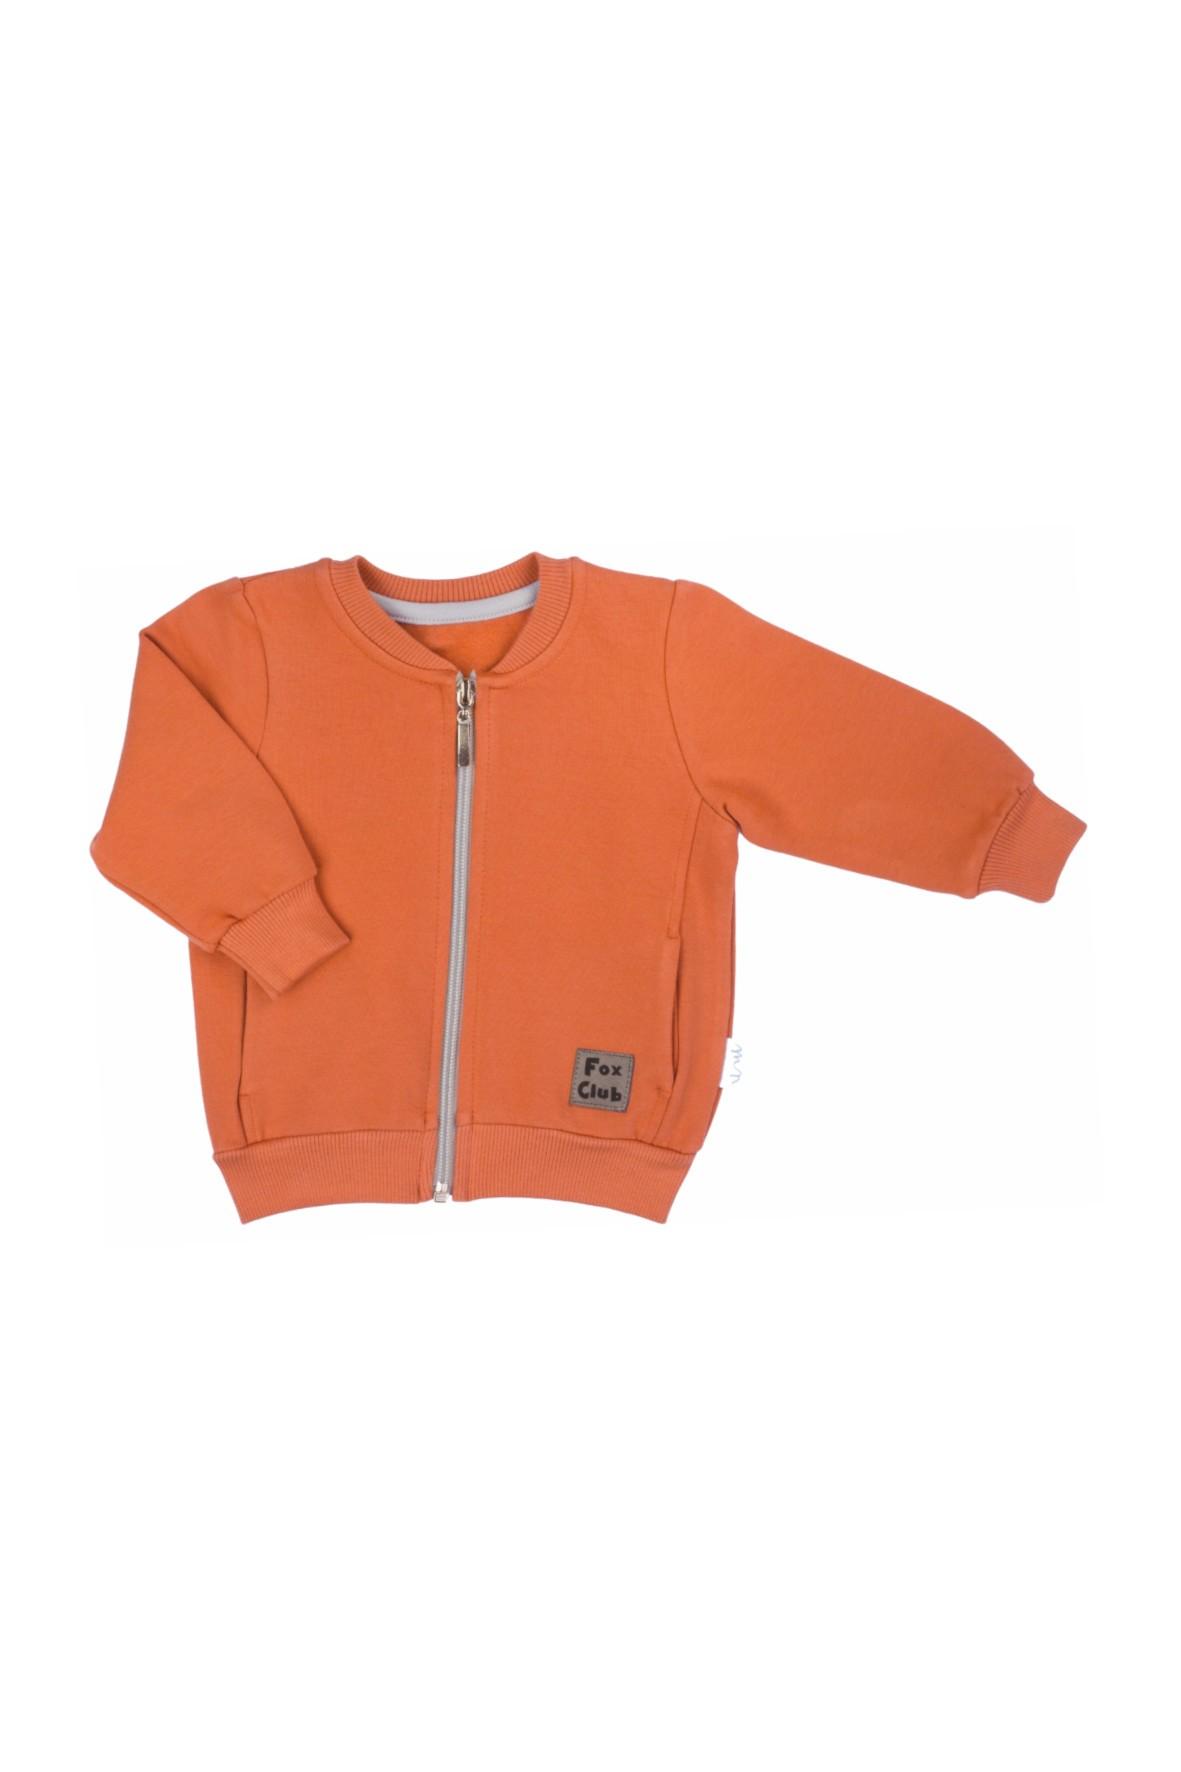 Bluza dresowa chłopięca Fox Club -pomarańczowa